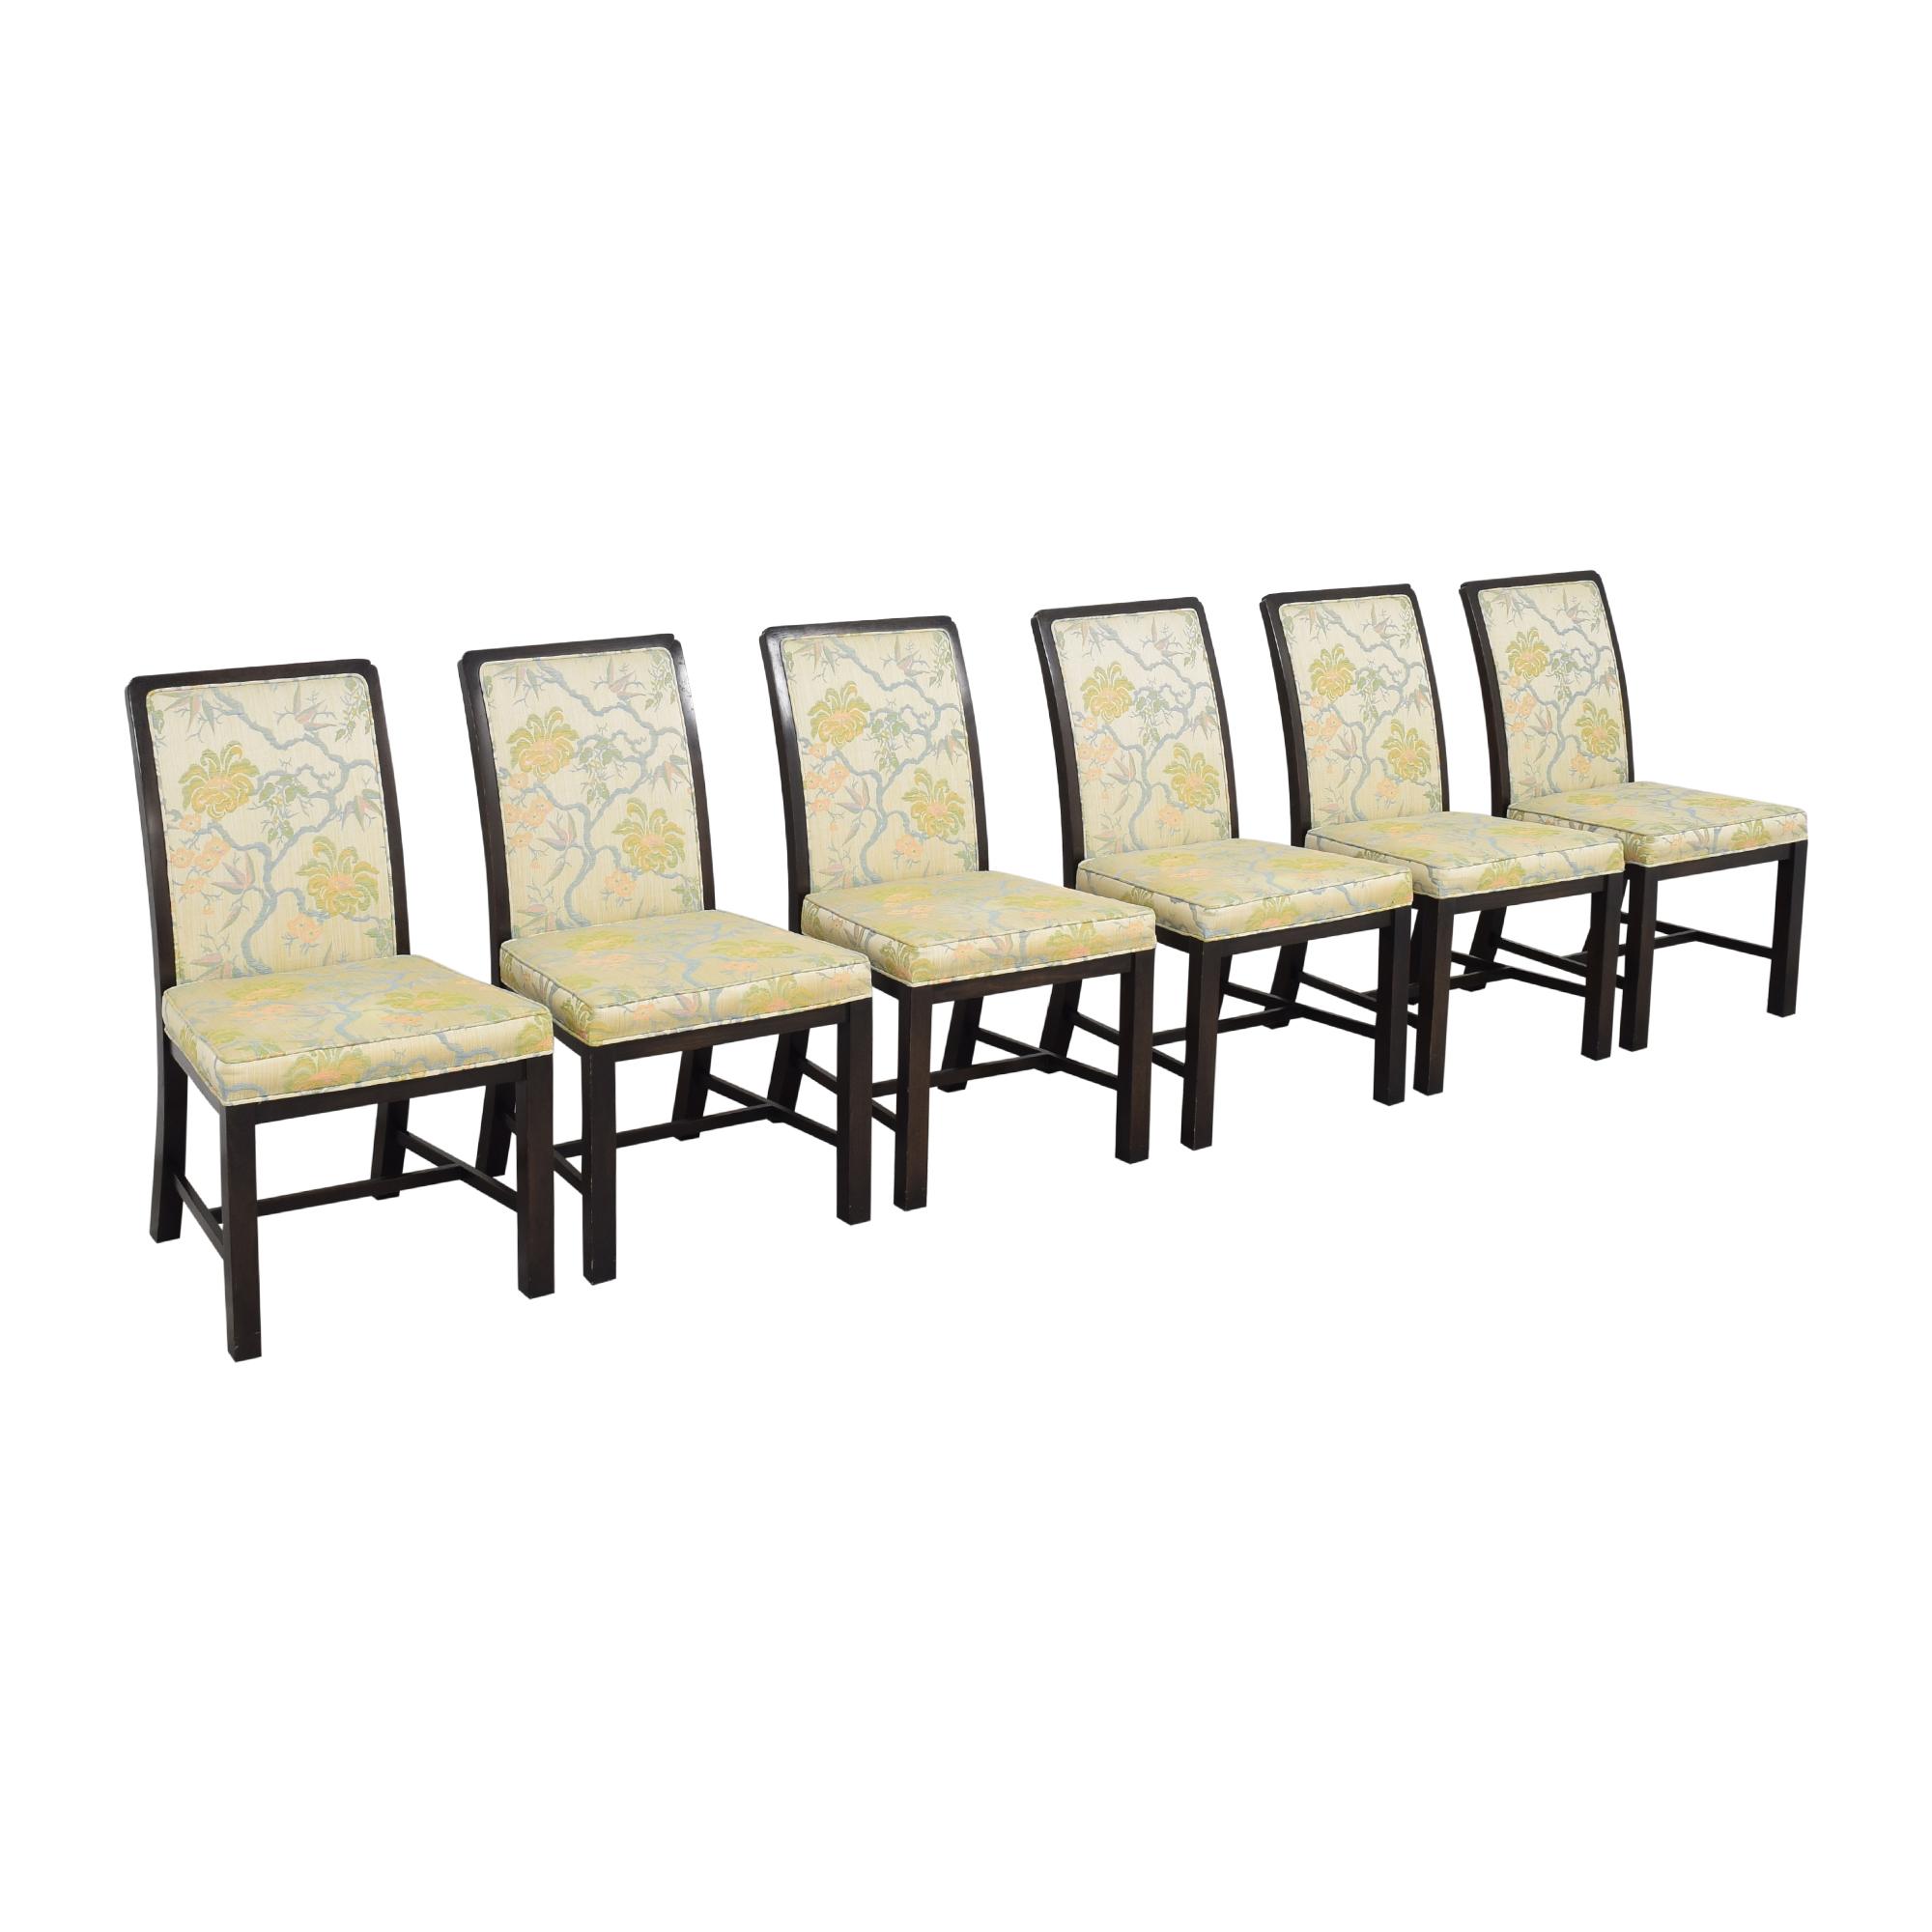 John Stuart Inc. John Stuart Inc. Upholstered Dining Side Chairs on sale